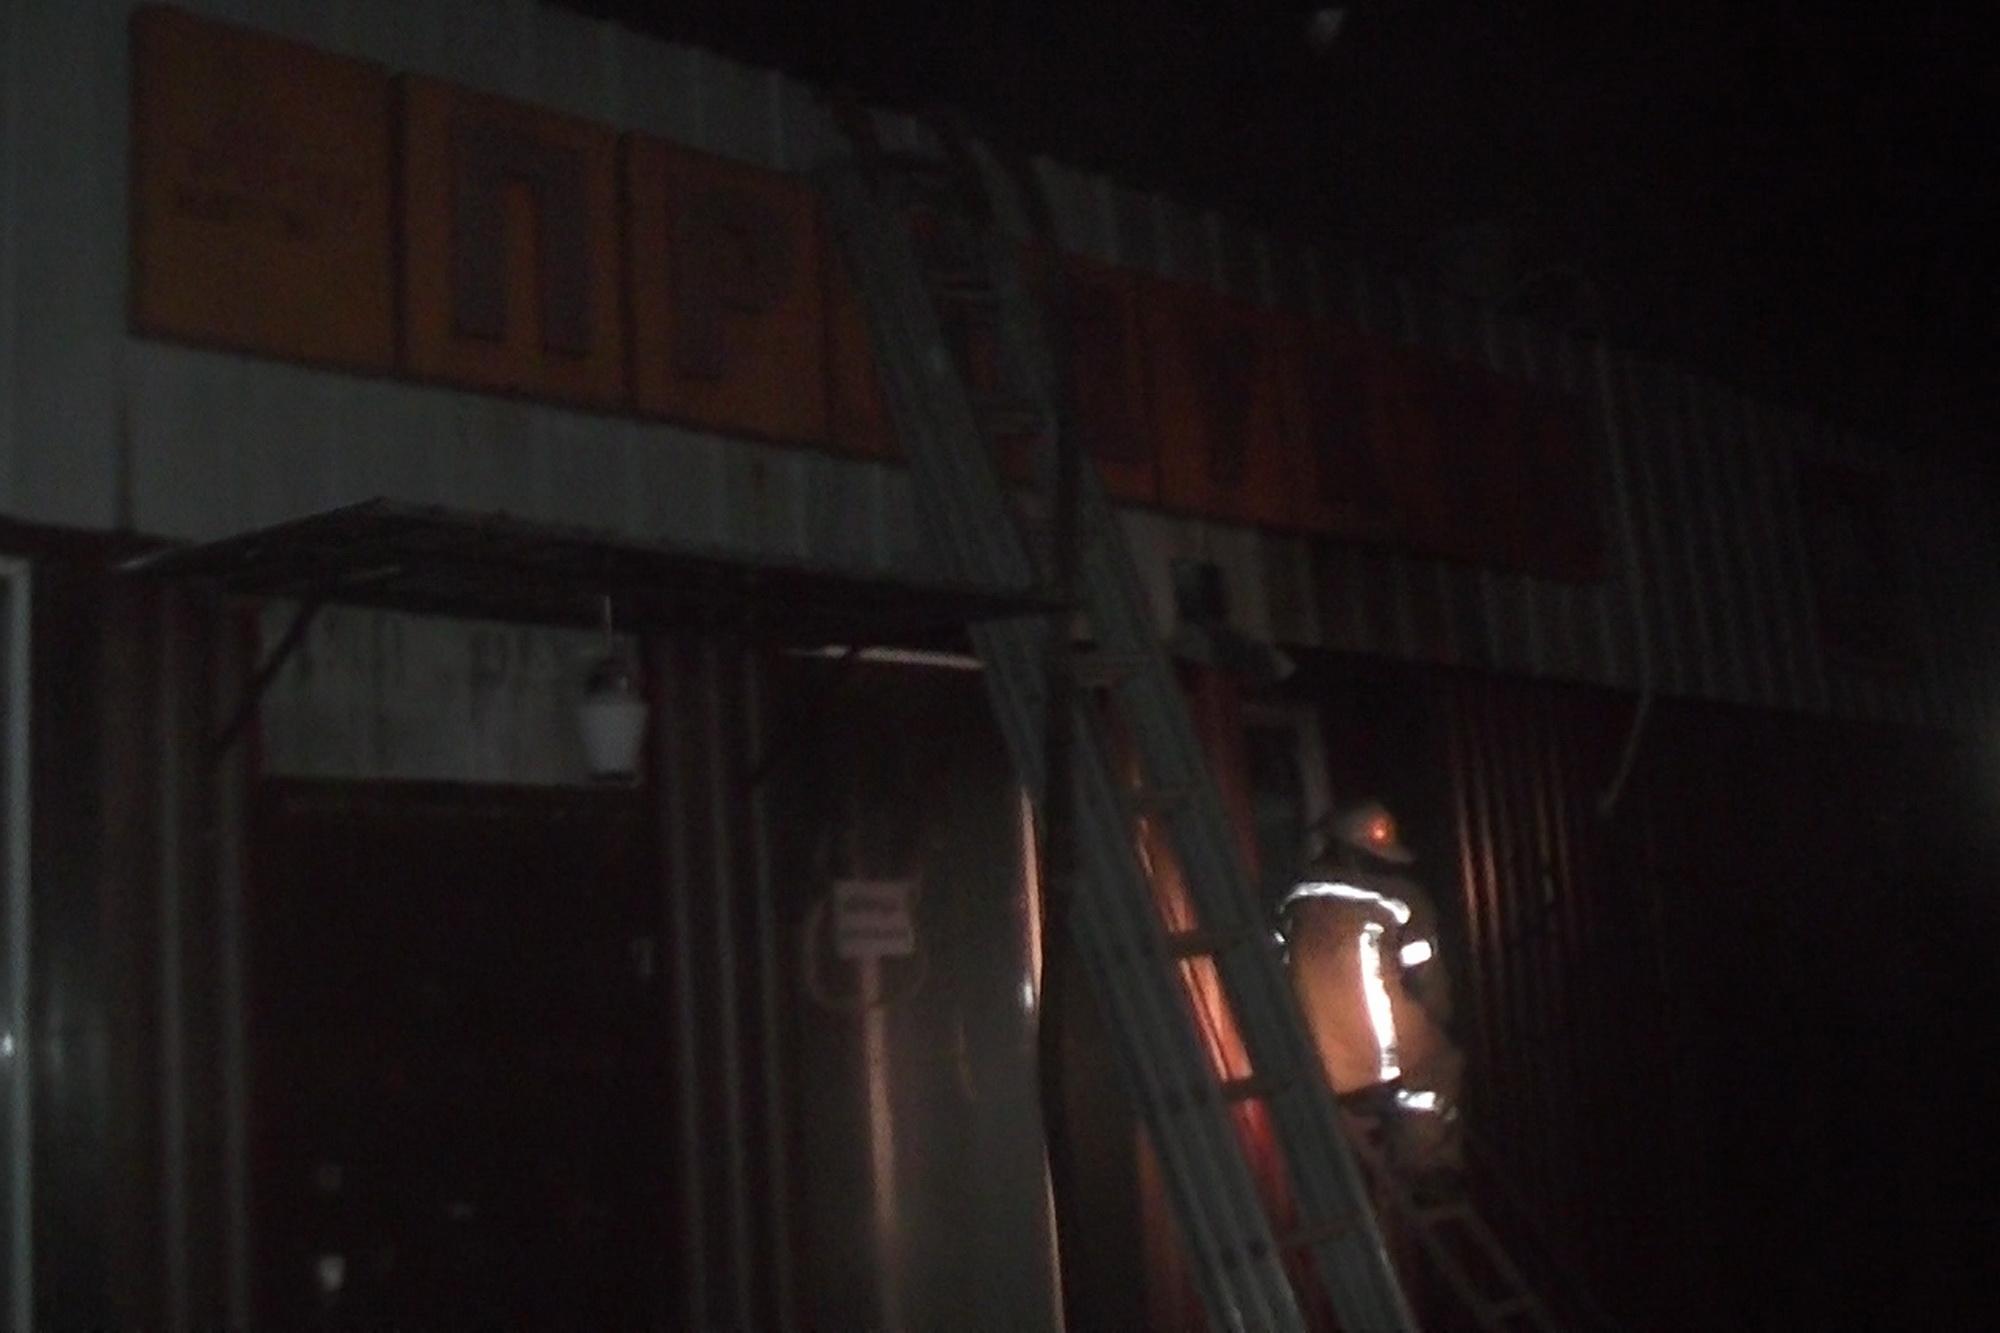 ВХарькове бросили коктейль Молотова вокно магазина